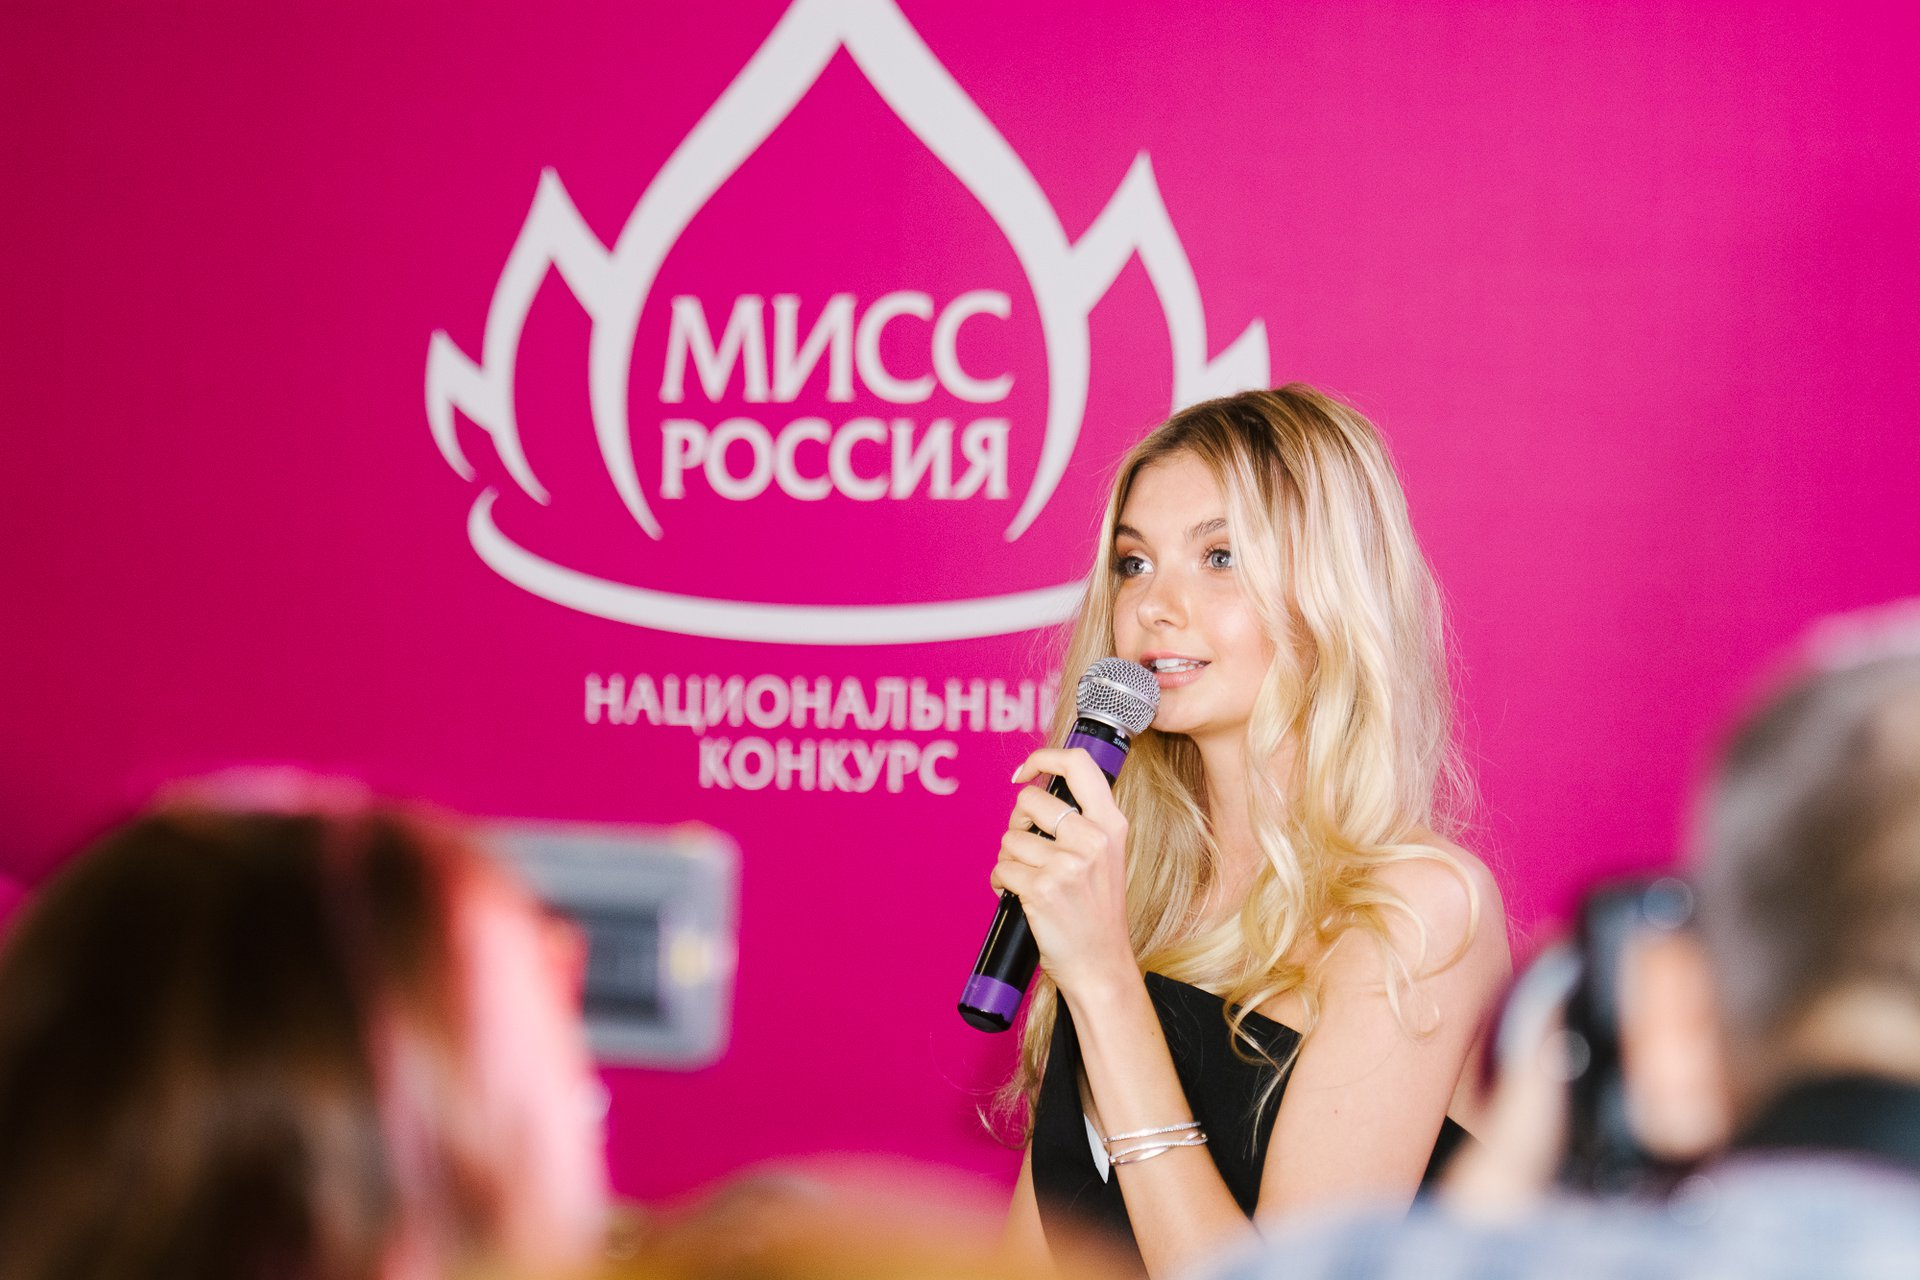 Мисс россия 2018 как участвовать